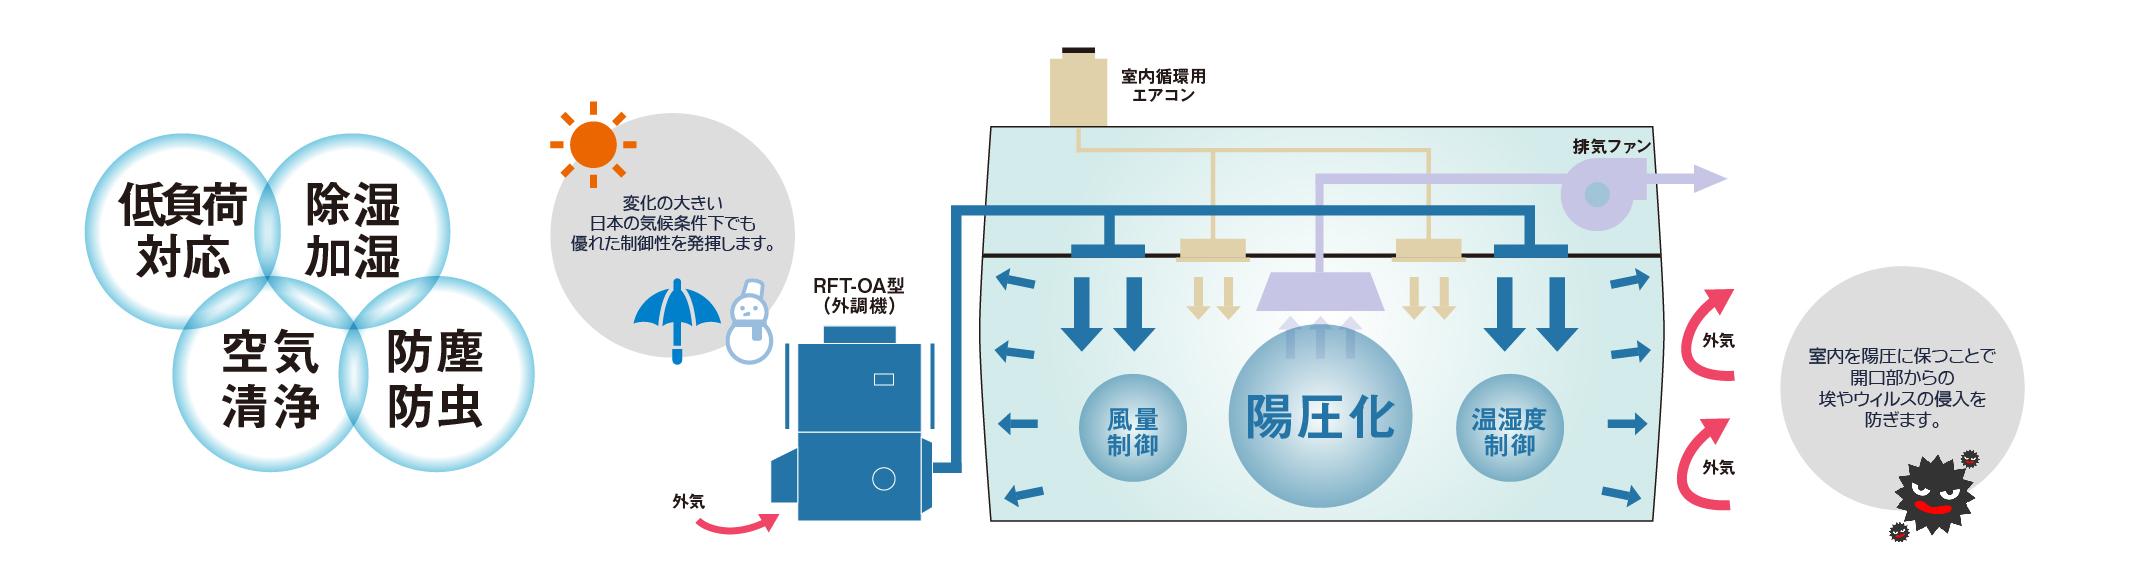 ルーフトップ外調機システム例